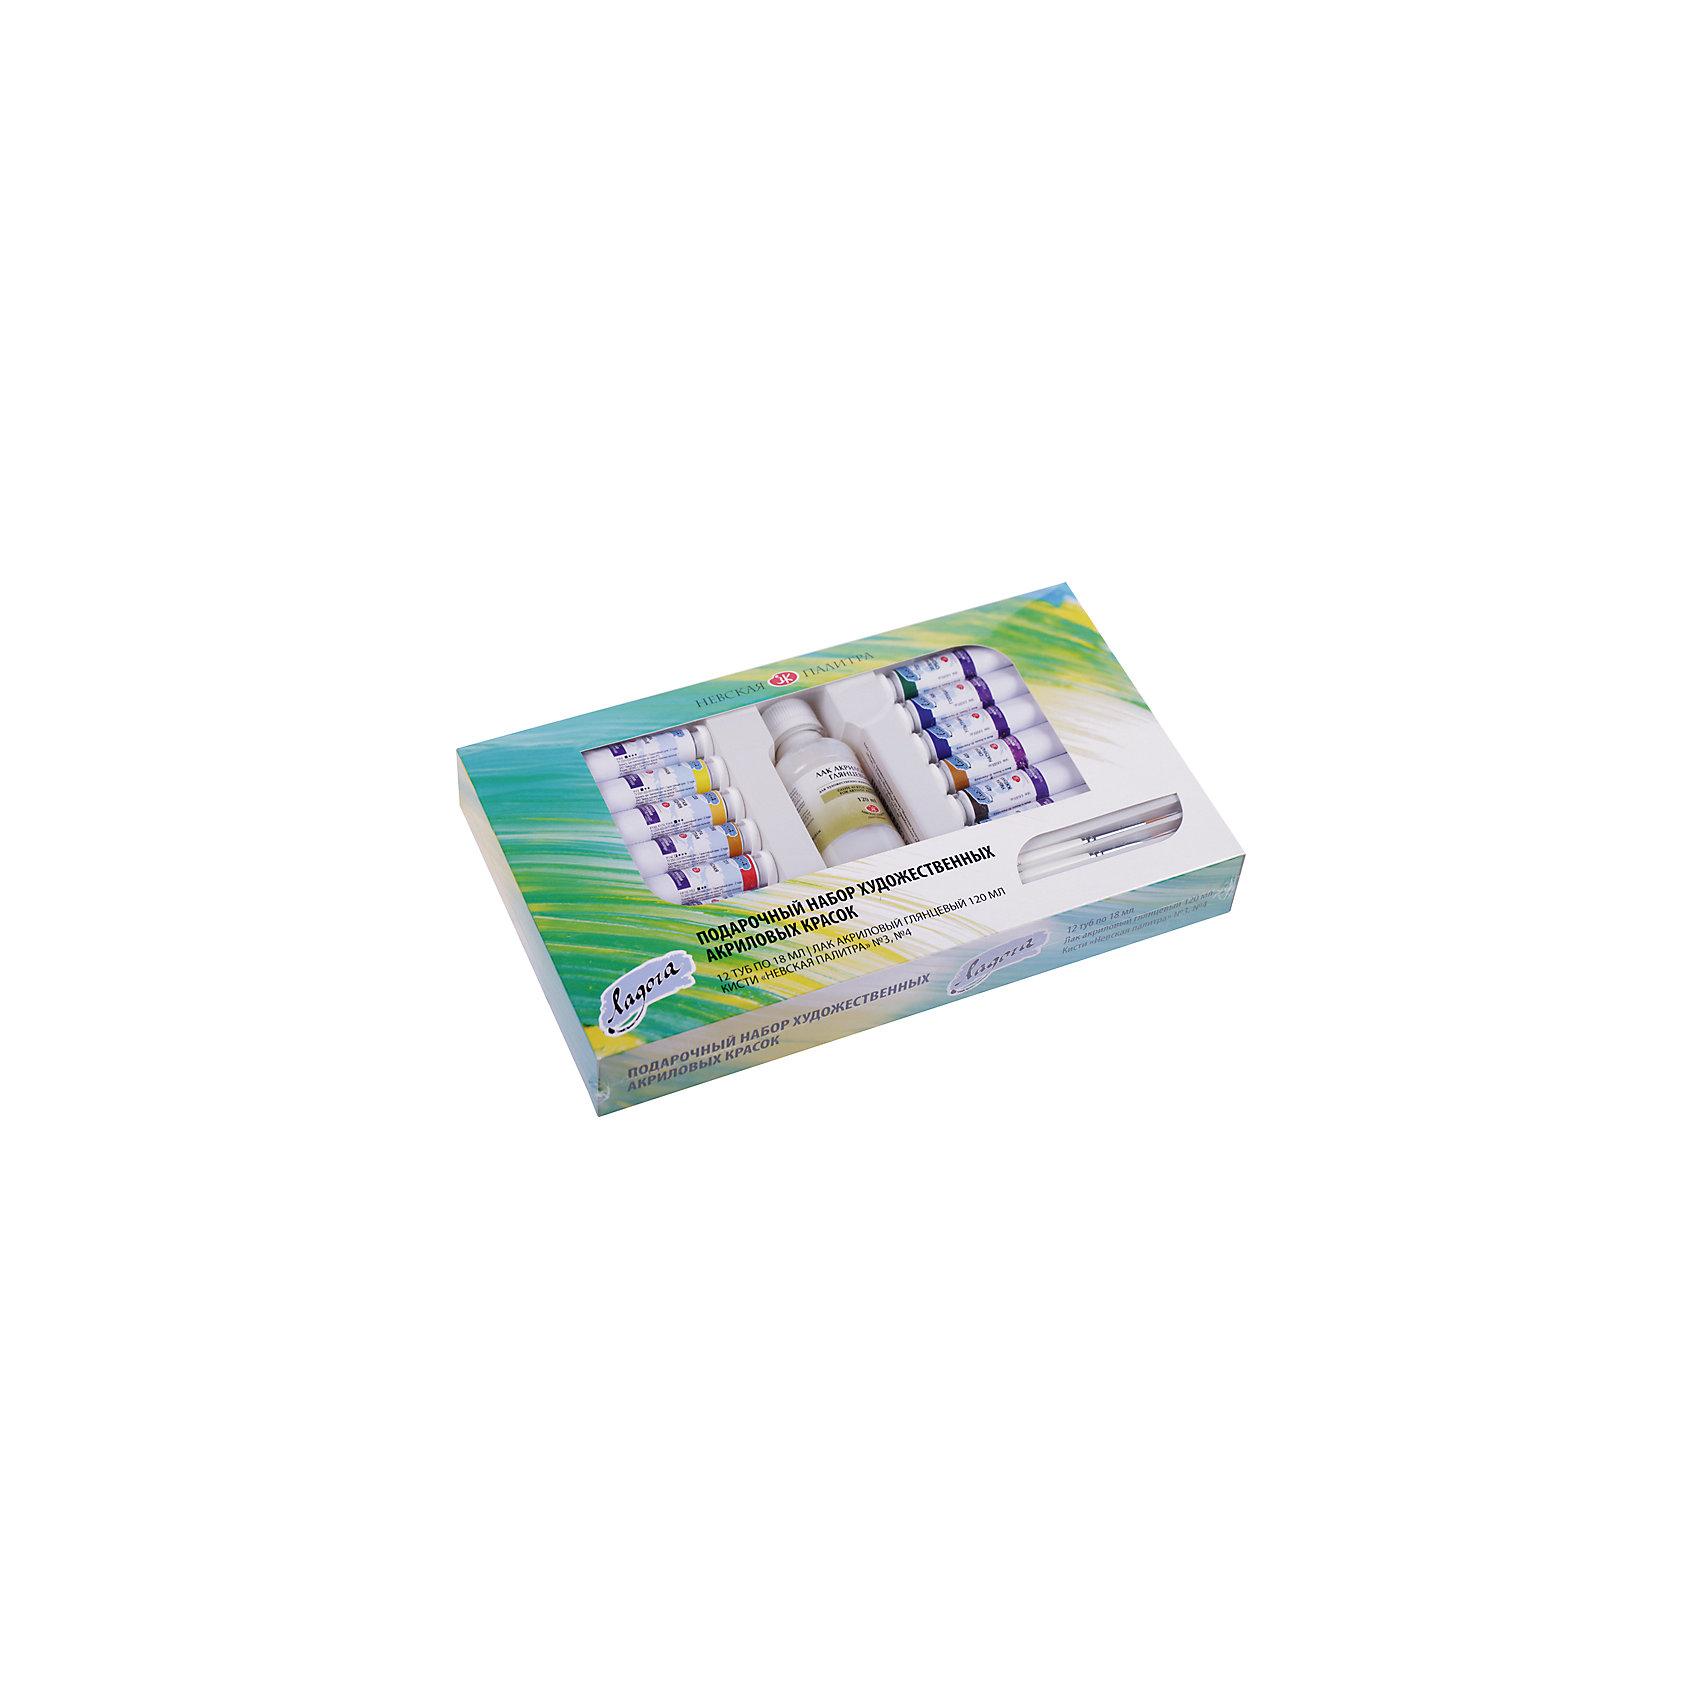 Набор художественный 15 предметов ЛадогаХудожественные наборы<br>Тип: набор акриловых красок<br>Количество предметов: 15 <br>Упаковка ед. товара: картонная коробка<br>Состав набора: белила титановые, лимонная, желтая средняя, охра светлая, сиена натуральная, розовая темная, красная, ультрамарин, голубая «ФЦ»,зеленая средняя, умбра жженая, сажа газовая, лак акриловый глянцевый 120 мл, кисти Невская палитра синтетика (длинная круглая ручка №3 и плоская ручка №4).<br><br>Ширина мм: 335<br>Глубина мм: 200<br>Высота мм: 50<br>Вес г: 648<br>Возраст от месяцев: 96<br>Возраст до месяцев: 2147483647<br>Пол: Унисекс<br>Возраст: Детский<br>SKU: 7044257